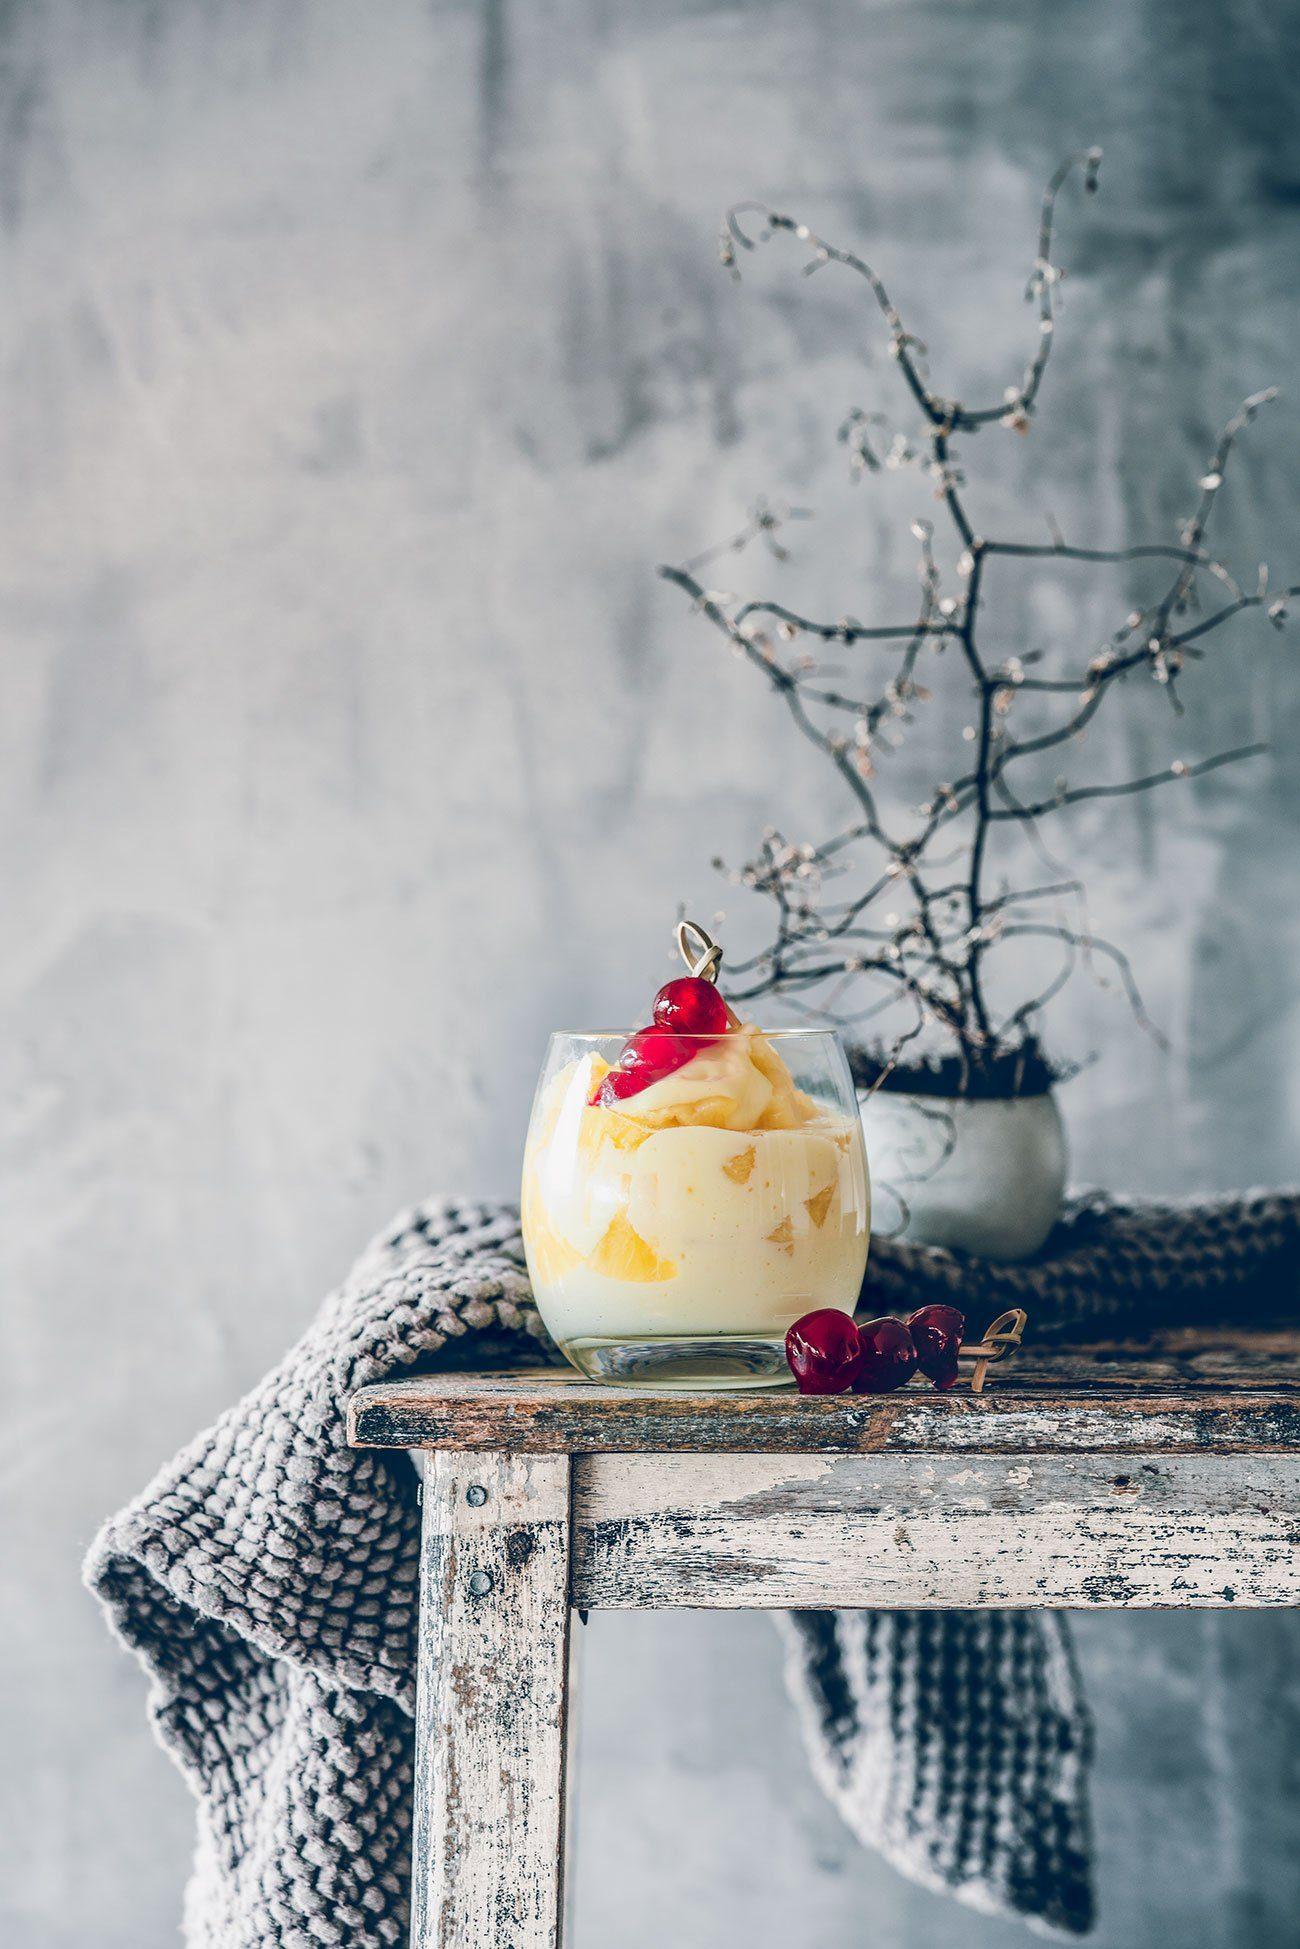 Sommer – Sonne... Piña Colada. Das Wochenende steht vor der Tür und die Temperaturen gehen in den Keller. Aber nicht mit uns, oder? Wir bereiten uns einfach ein sonniges Dessert vor und genießen das Leben. Einfach mal so.